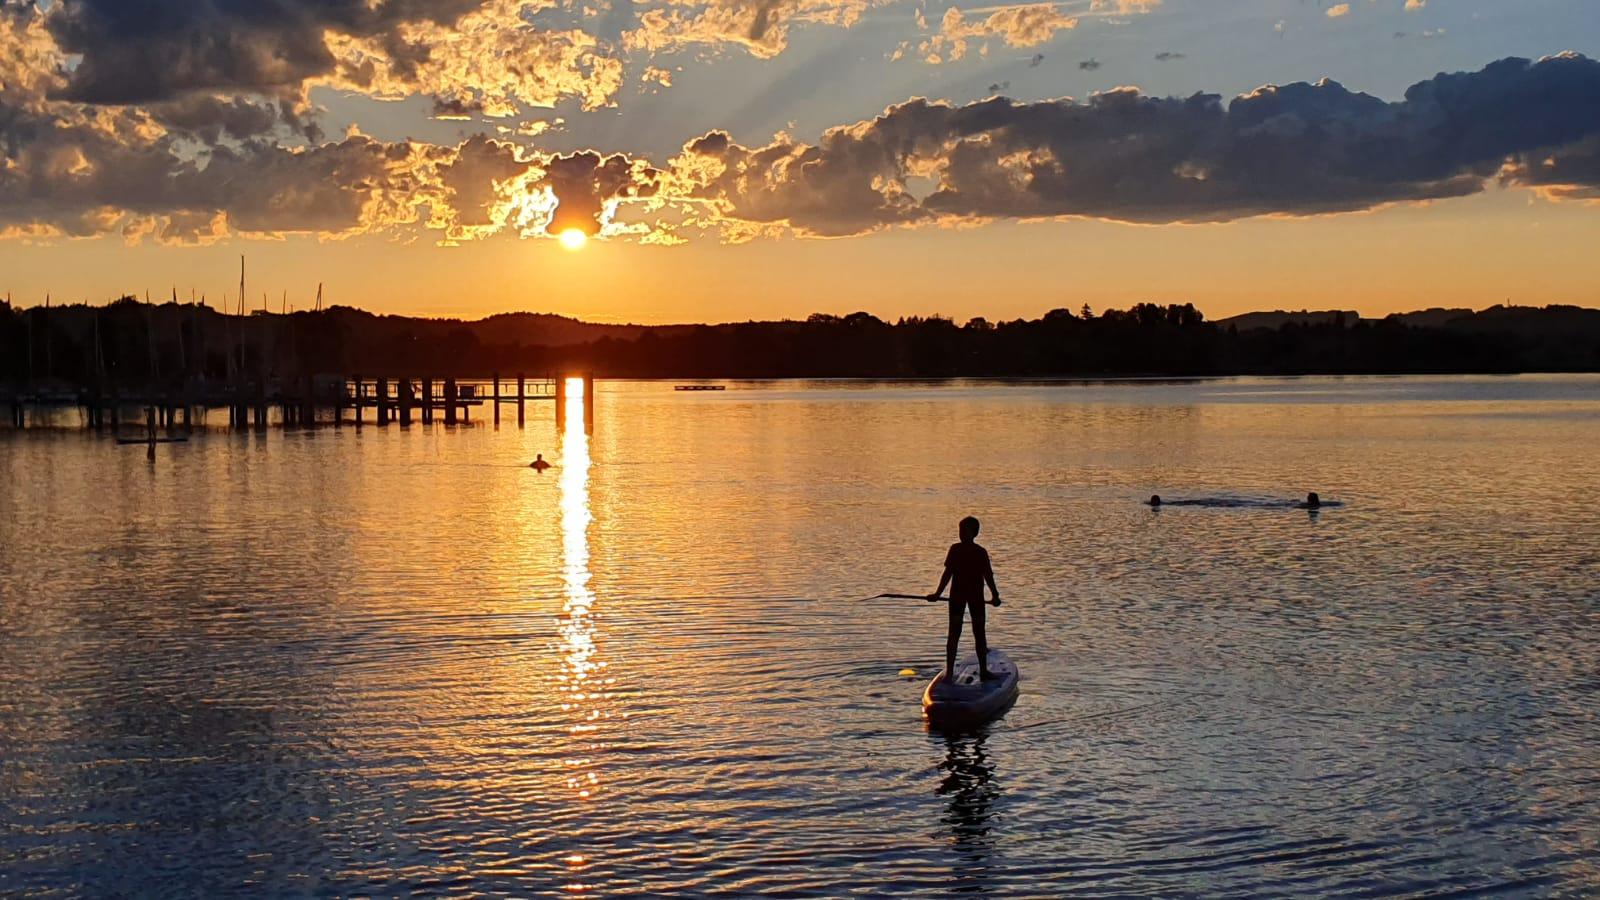 Sonnenuntergang Chiemsee freigegeben für